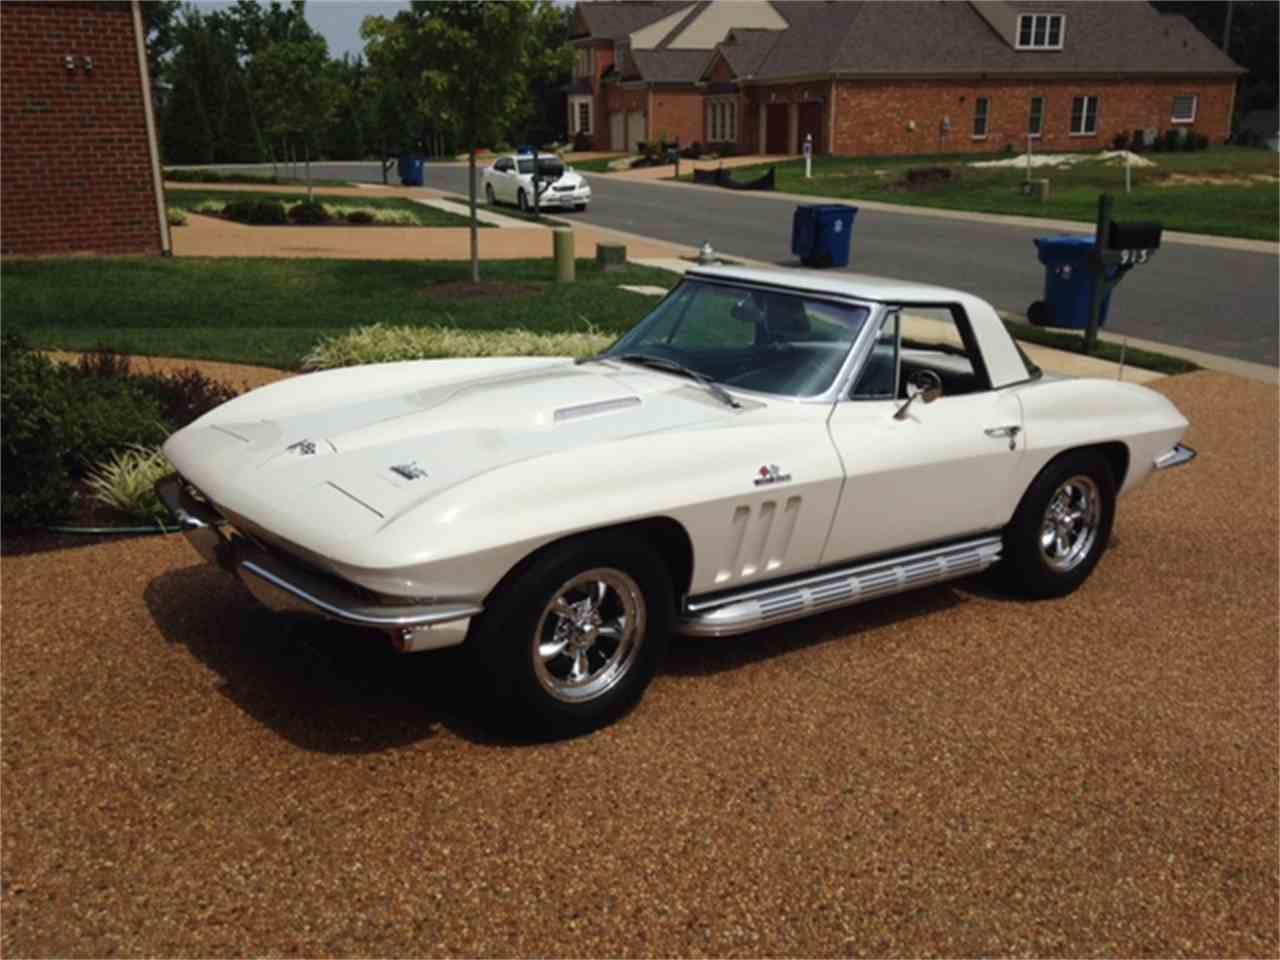 1957 chevrolet corvette for sale on classiccars com 31 - 1966 Chevrolet Corvette 998175